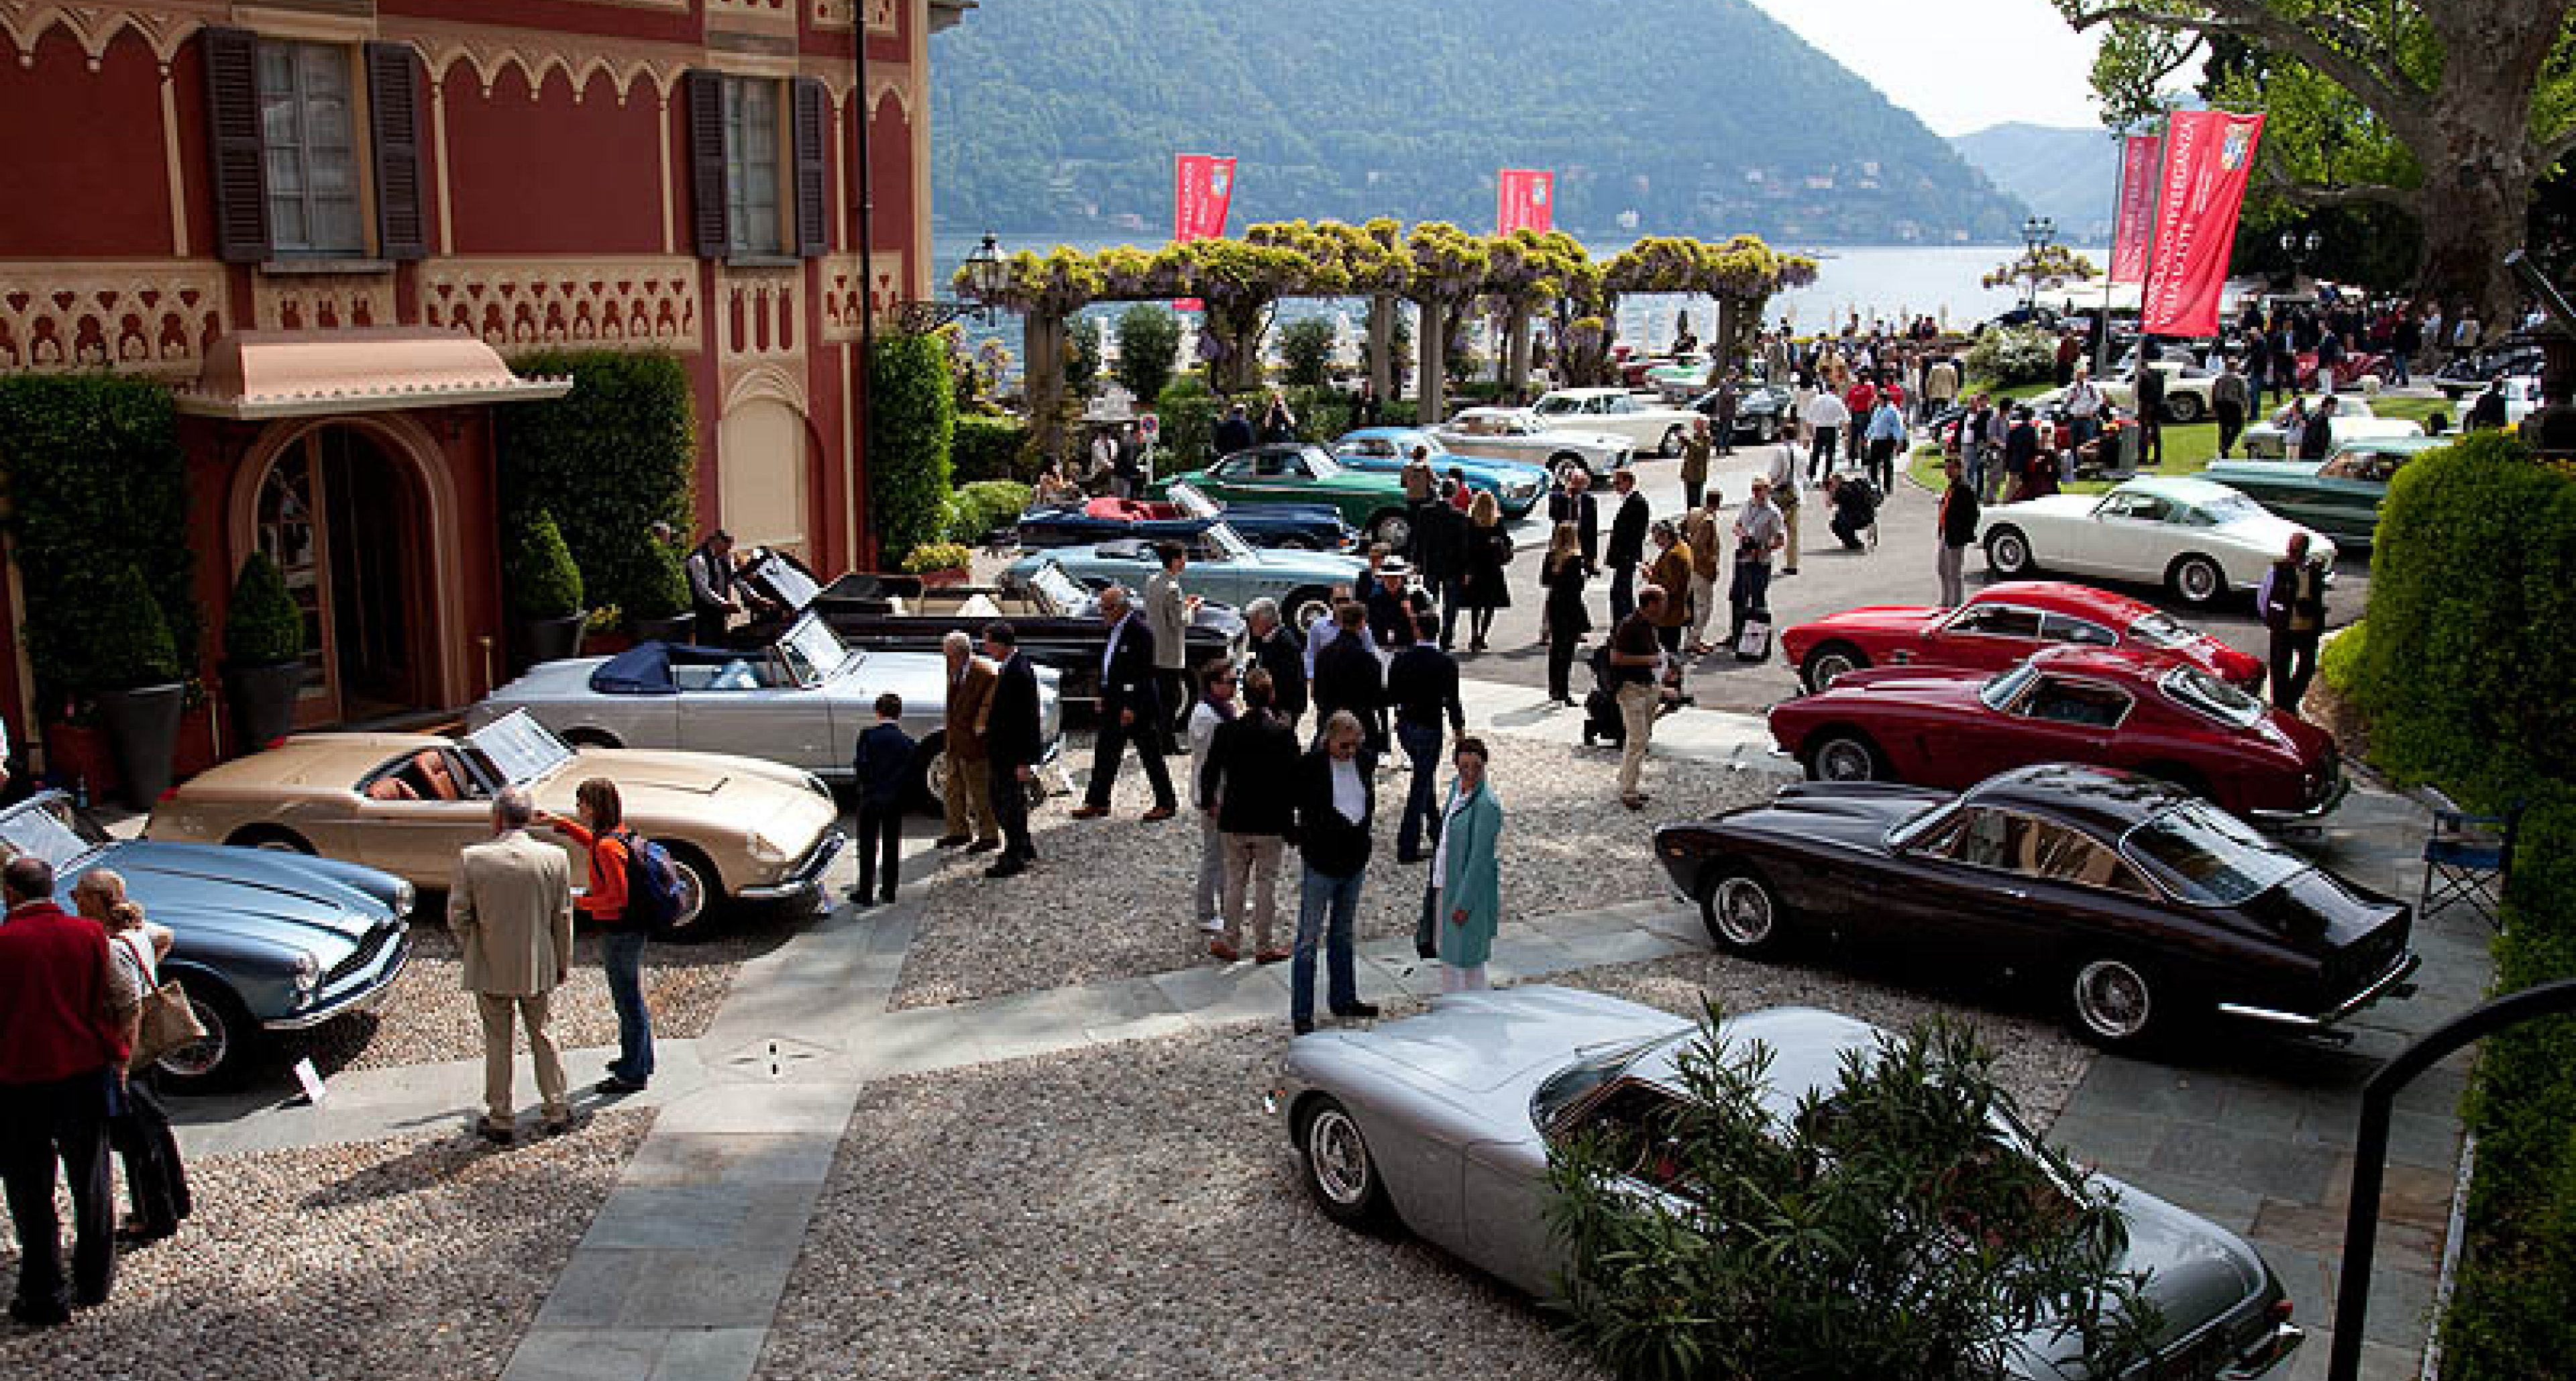 Concorso d'Eleganza Villa d'Este 2009: Very Brutiful